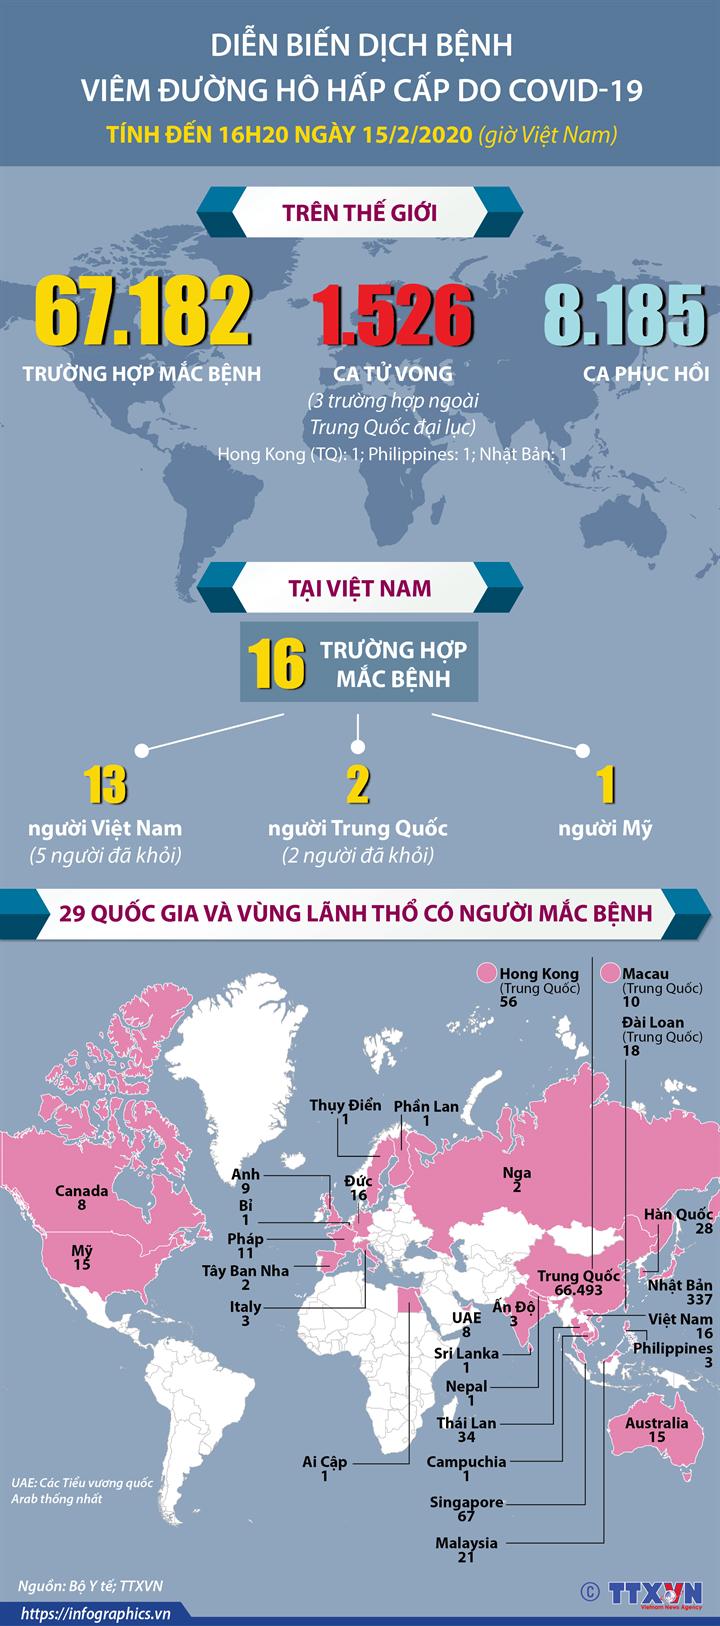 Diễn biến dịch bệnh viêm đường hô hấp cấp do COVID-19  Tính đến 16h20 ngày 15/2/2020 (giờ Việt Nam)